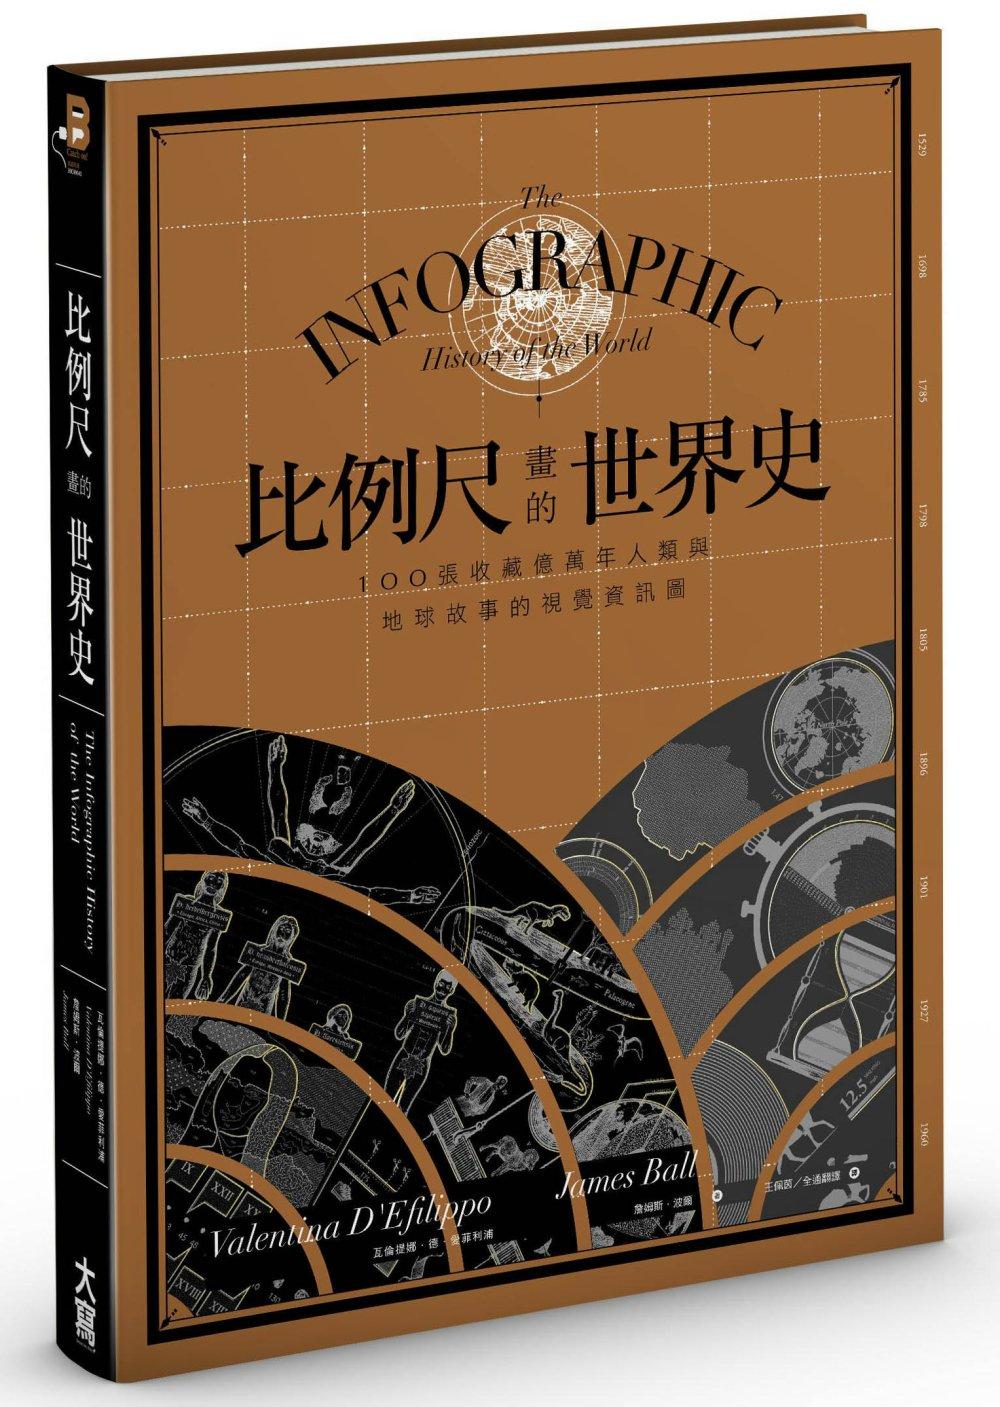 比例尺畫的世界史:100張收藏億萬年人類與地球故事的視覺資訊圖